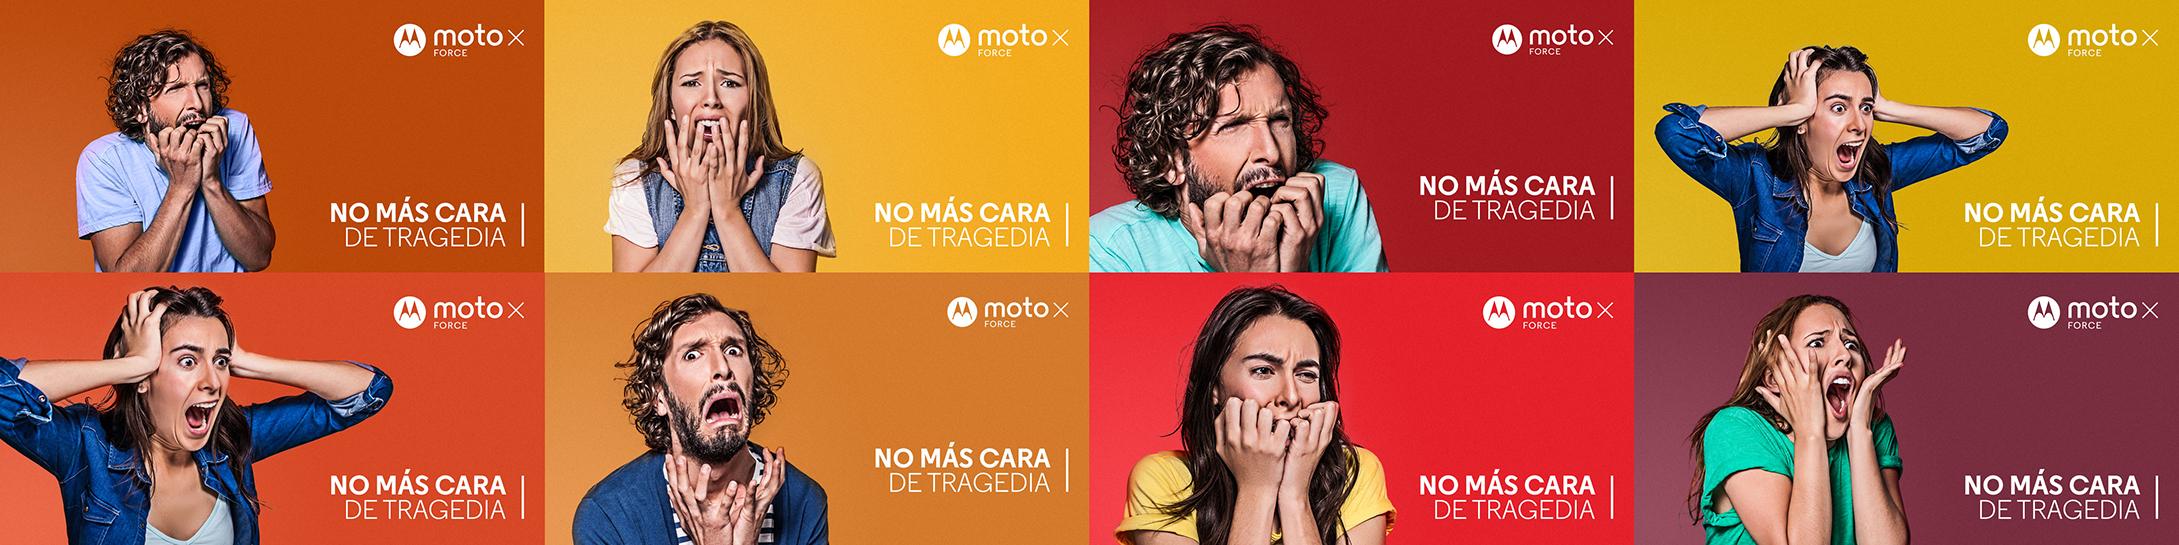 Publicidad Motorola MotoX.jpg